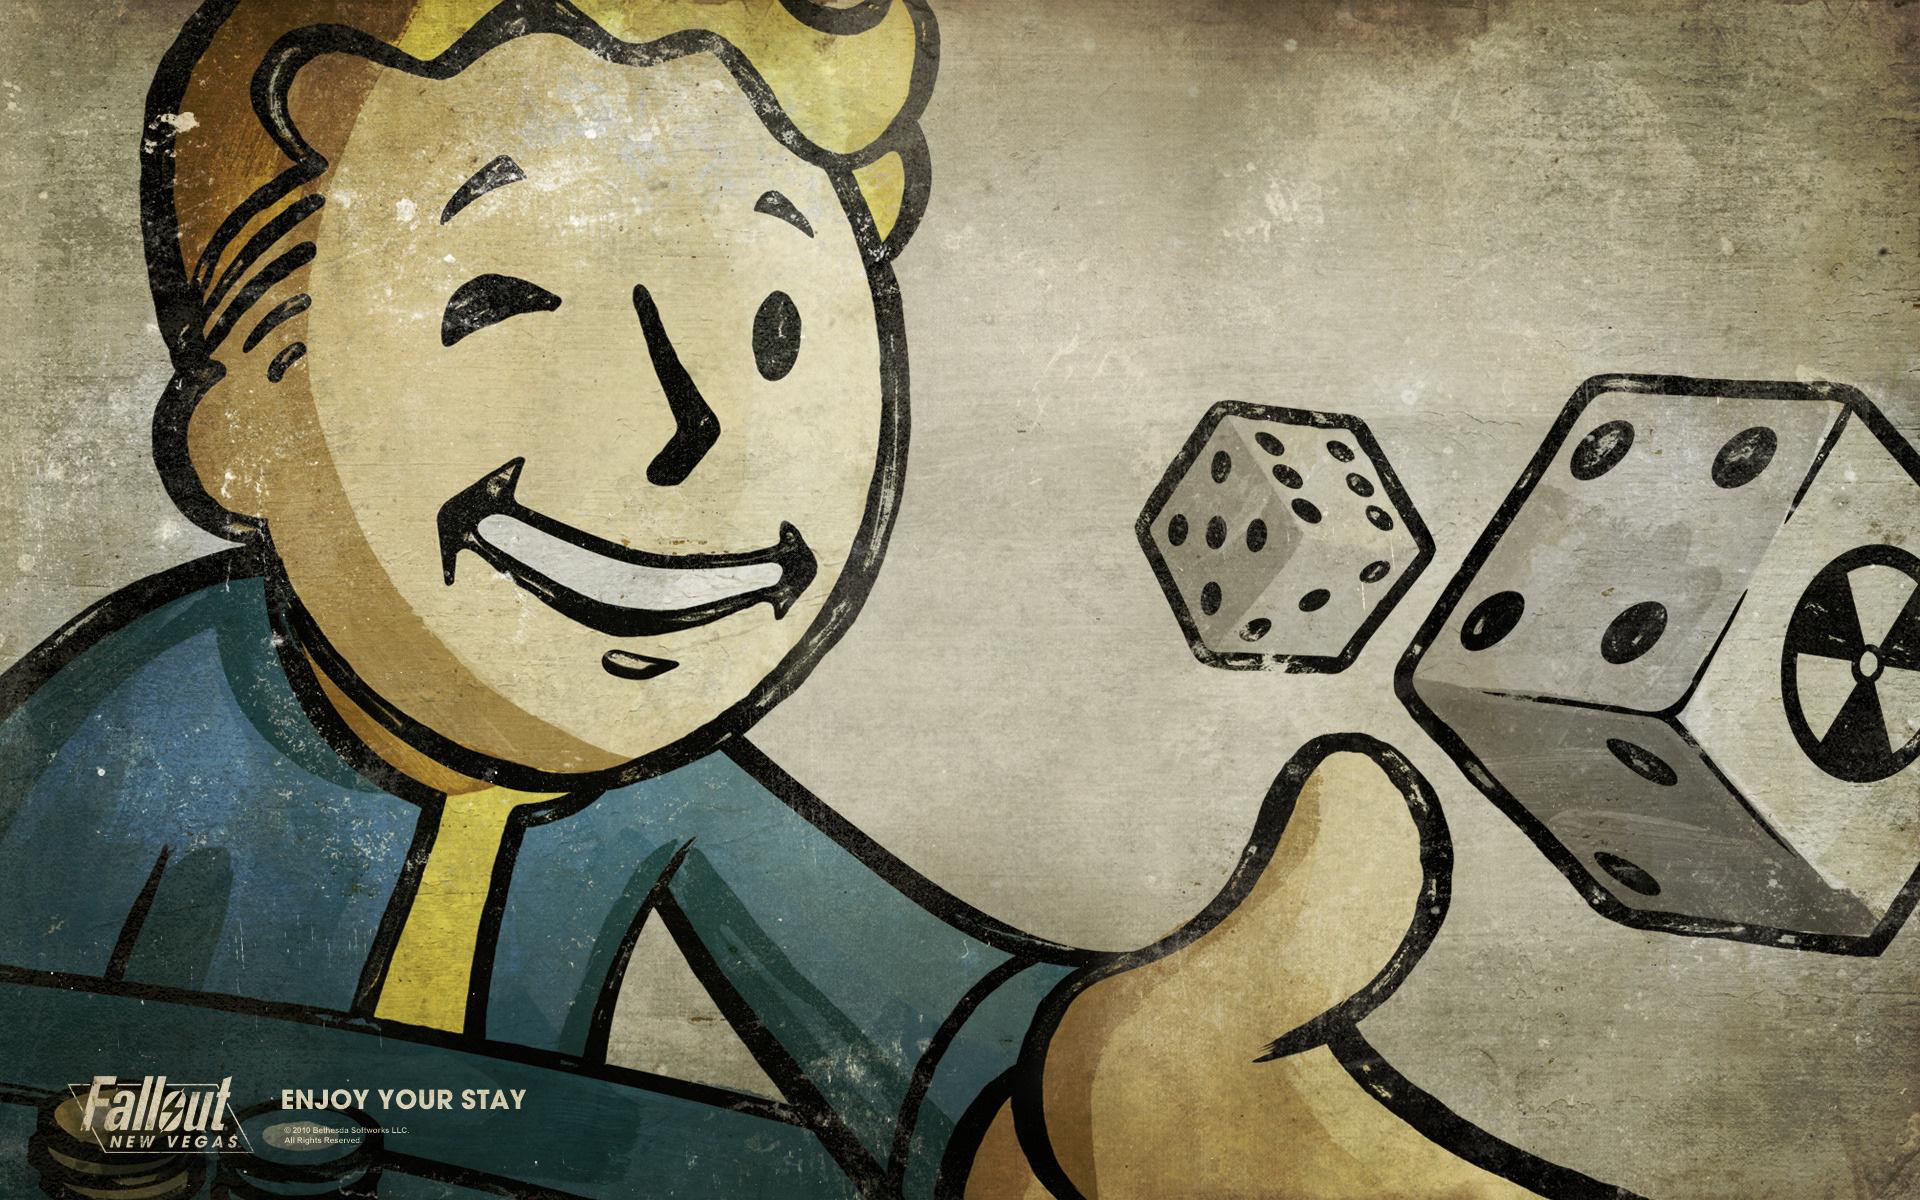 Fallout 3 Wallpaper Vault Boy wallpaper   578477 1920x1200